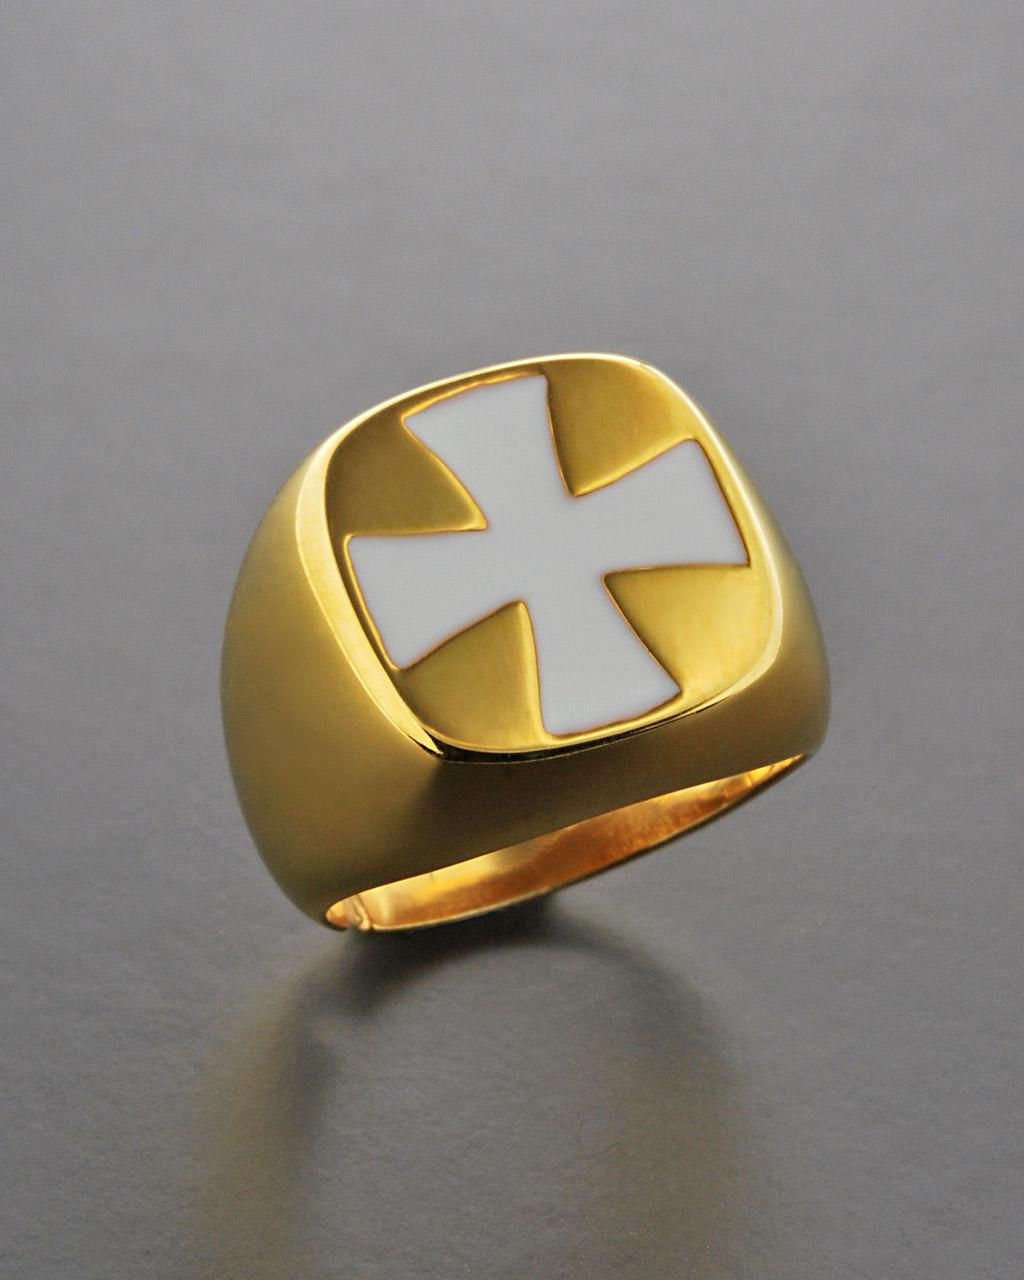 Δαχτυλίδι σεβαλιέ ασημένιο 925 με Σμάλτο   κοσμηματα δαχτυλίδια δαχτυλίδια chevalier